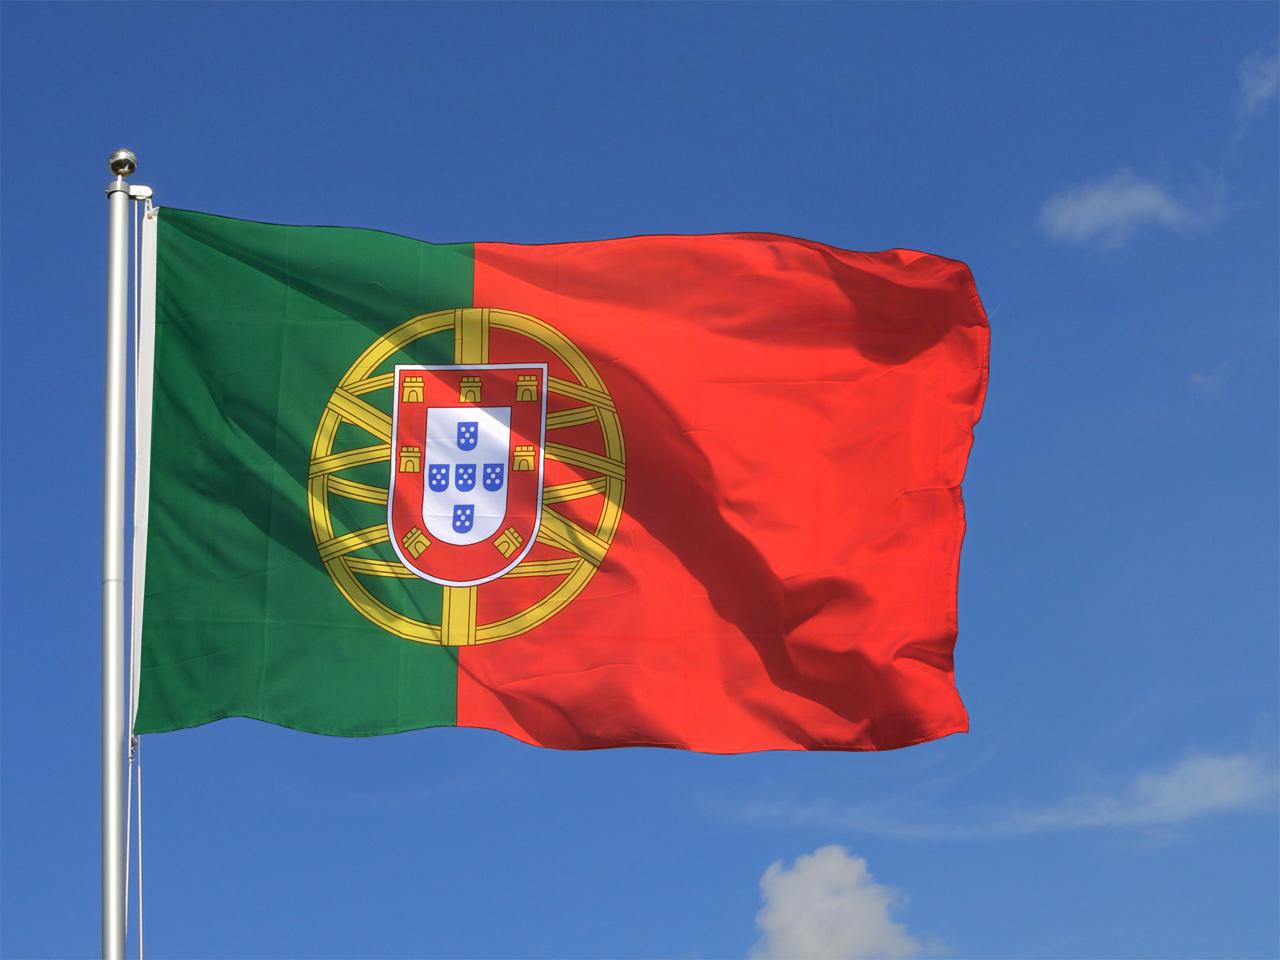 Grand drapeau portugais 150 x 250 cm m des drapeaux - Drapeau portugais a imprimer ...